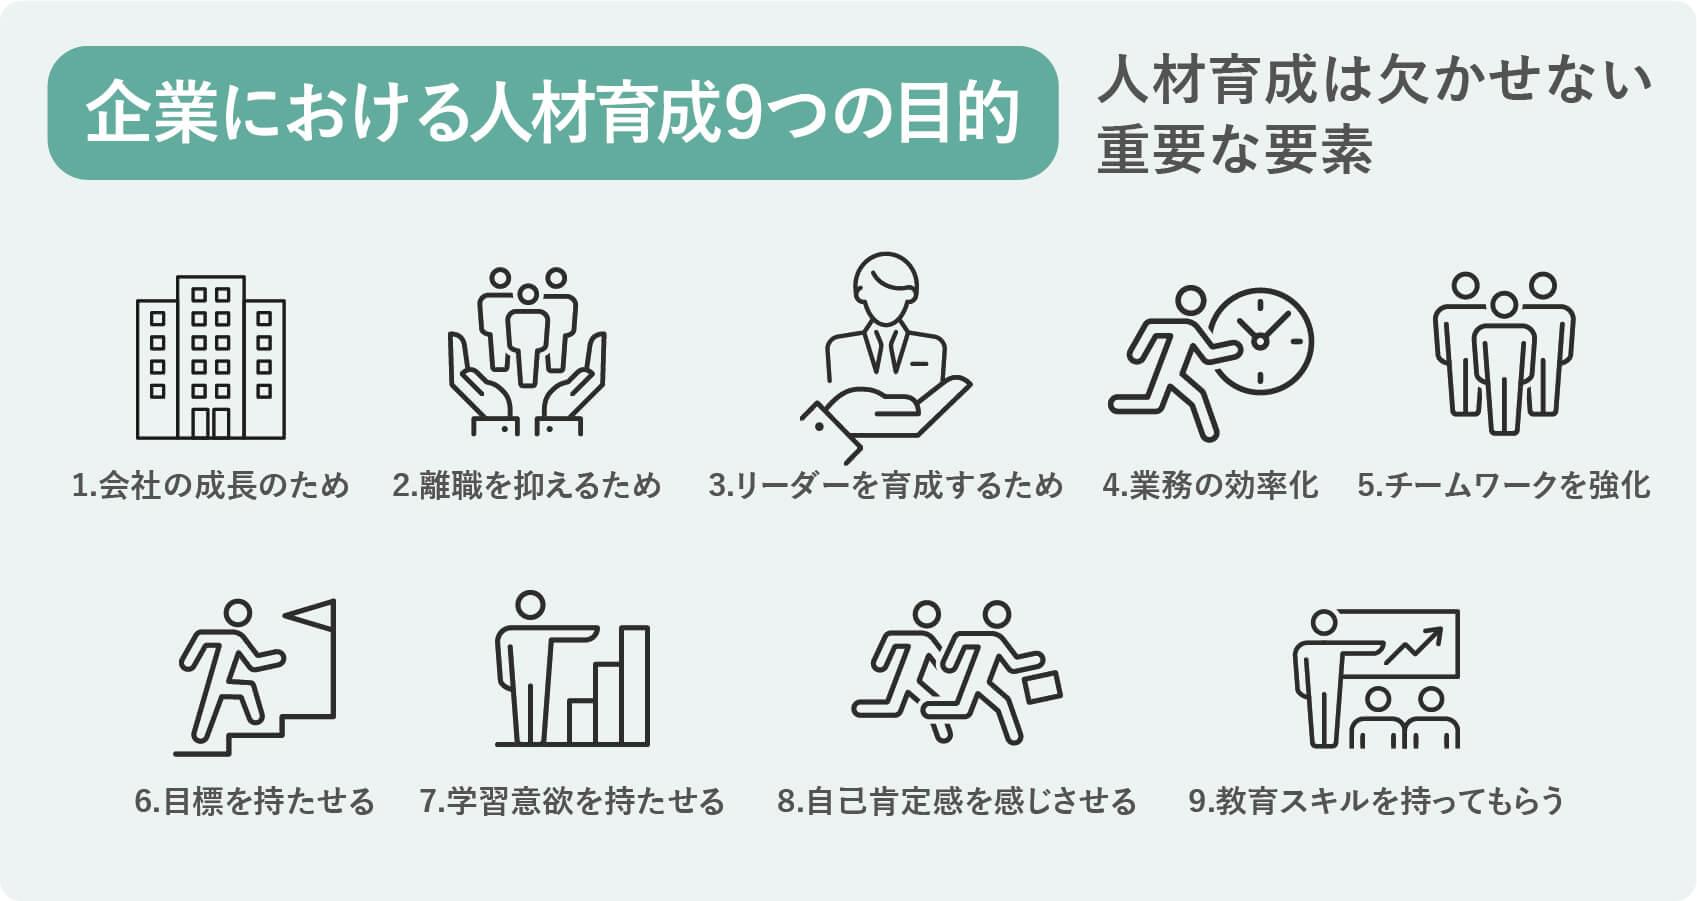 人材育成の9つの目的